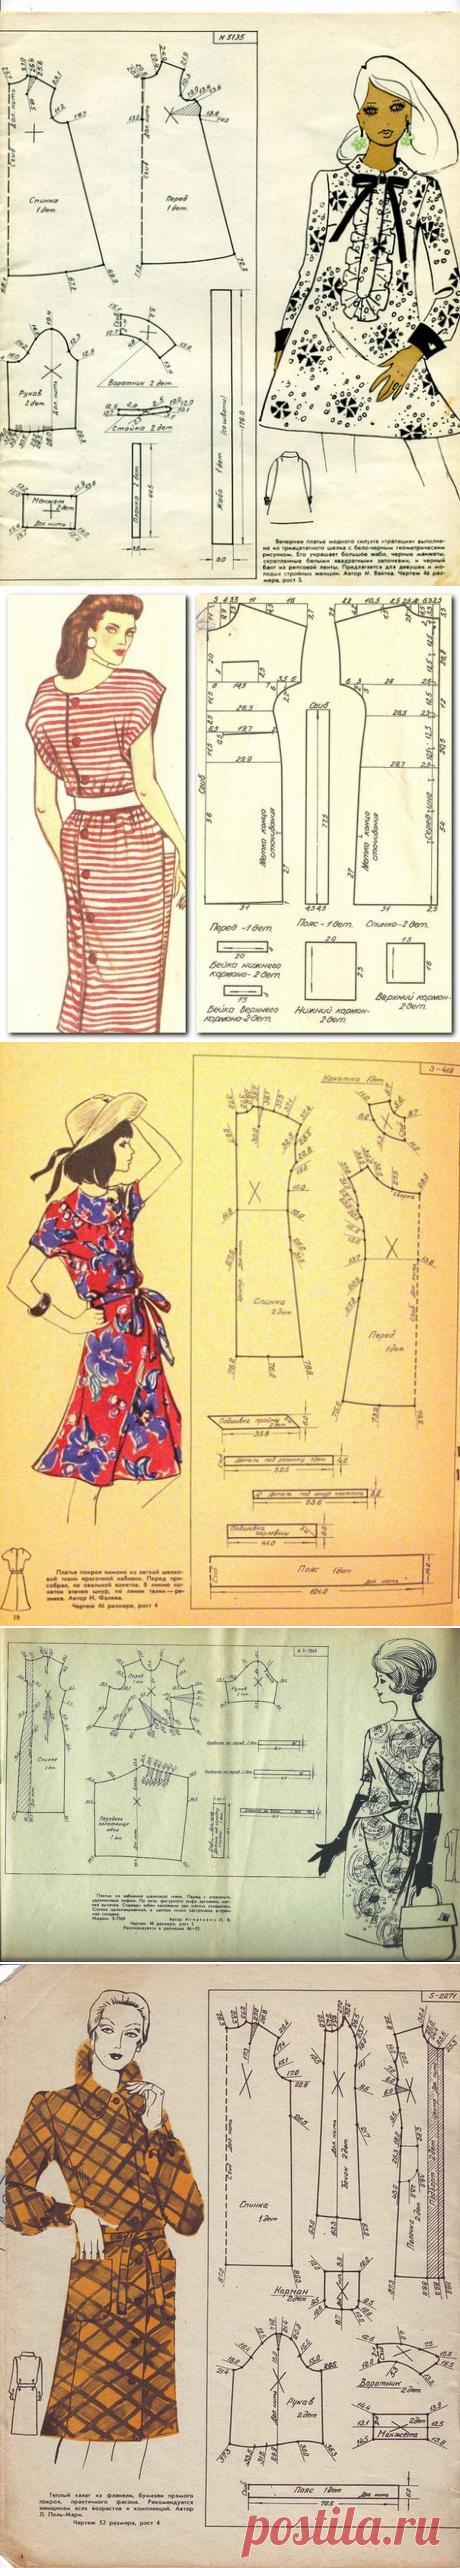 АТЕЛЬЕ дизайнерской одежды: шитье, выкройки.Ретро-выкройки из журналов прошлых лет.